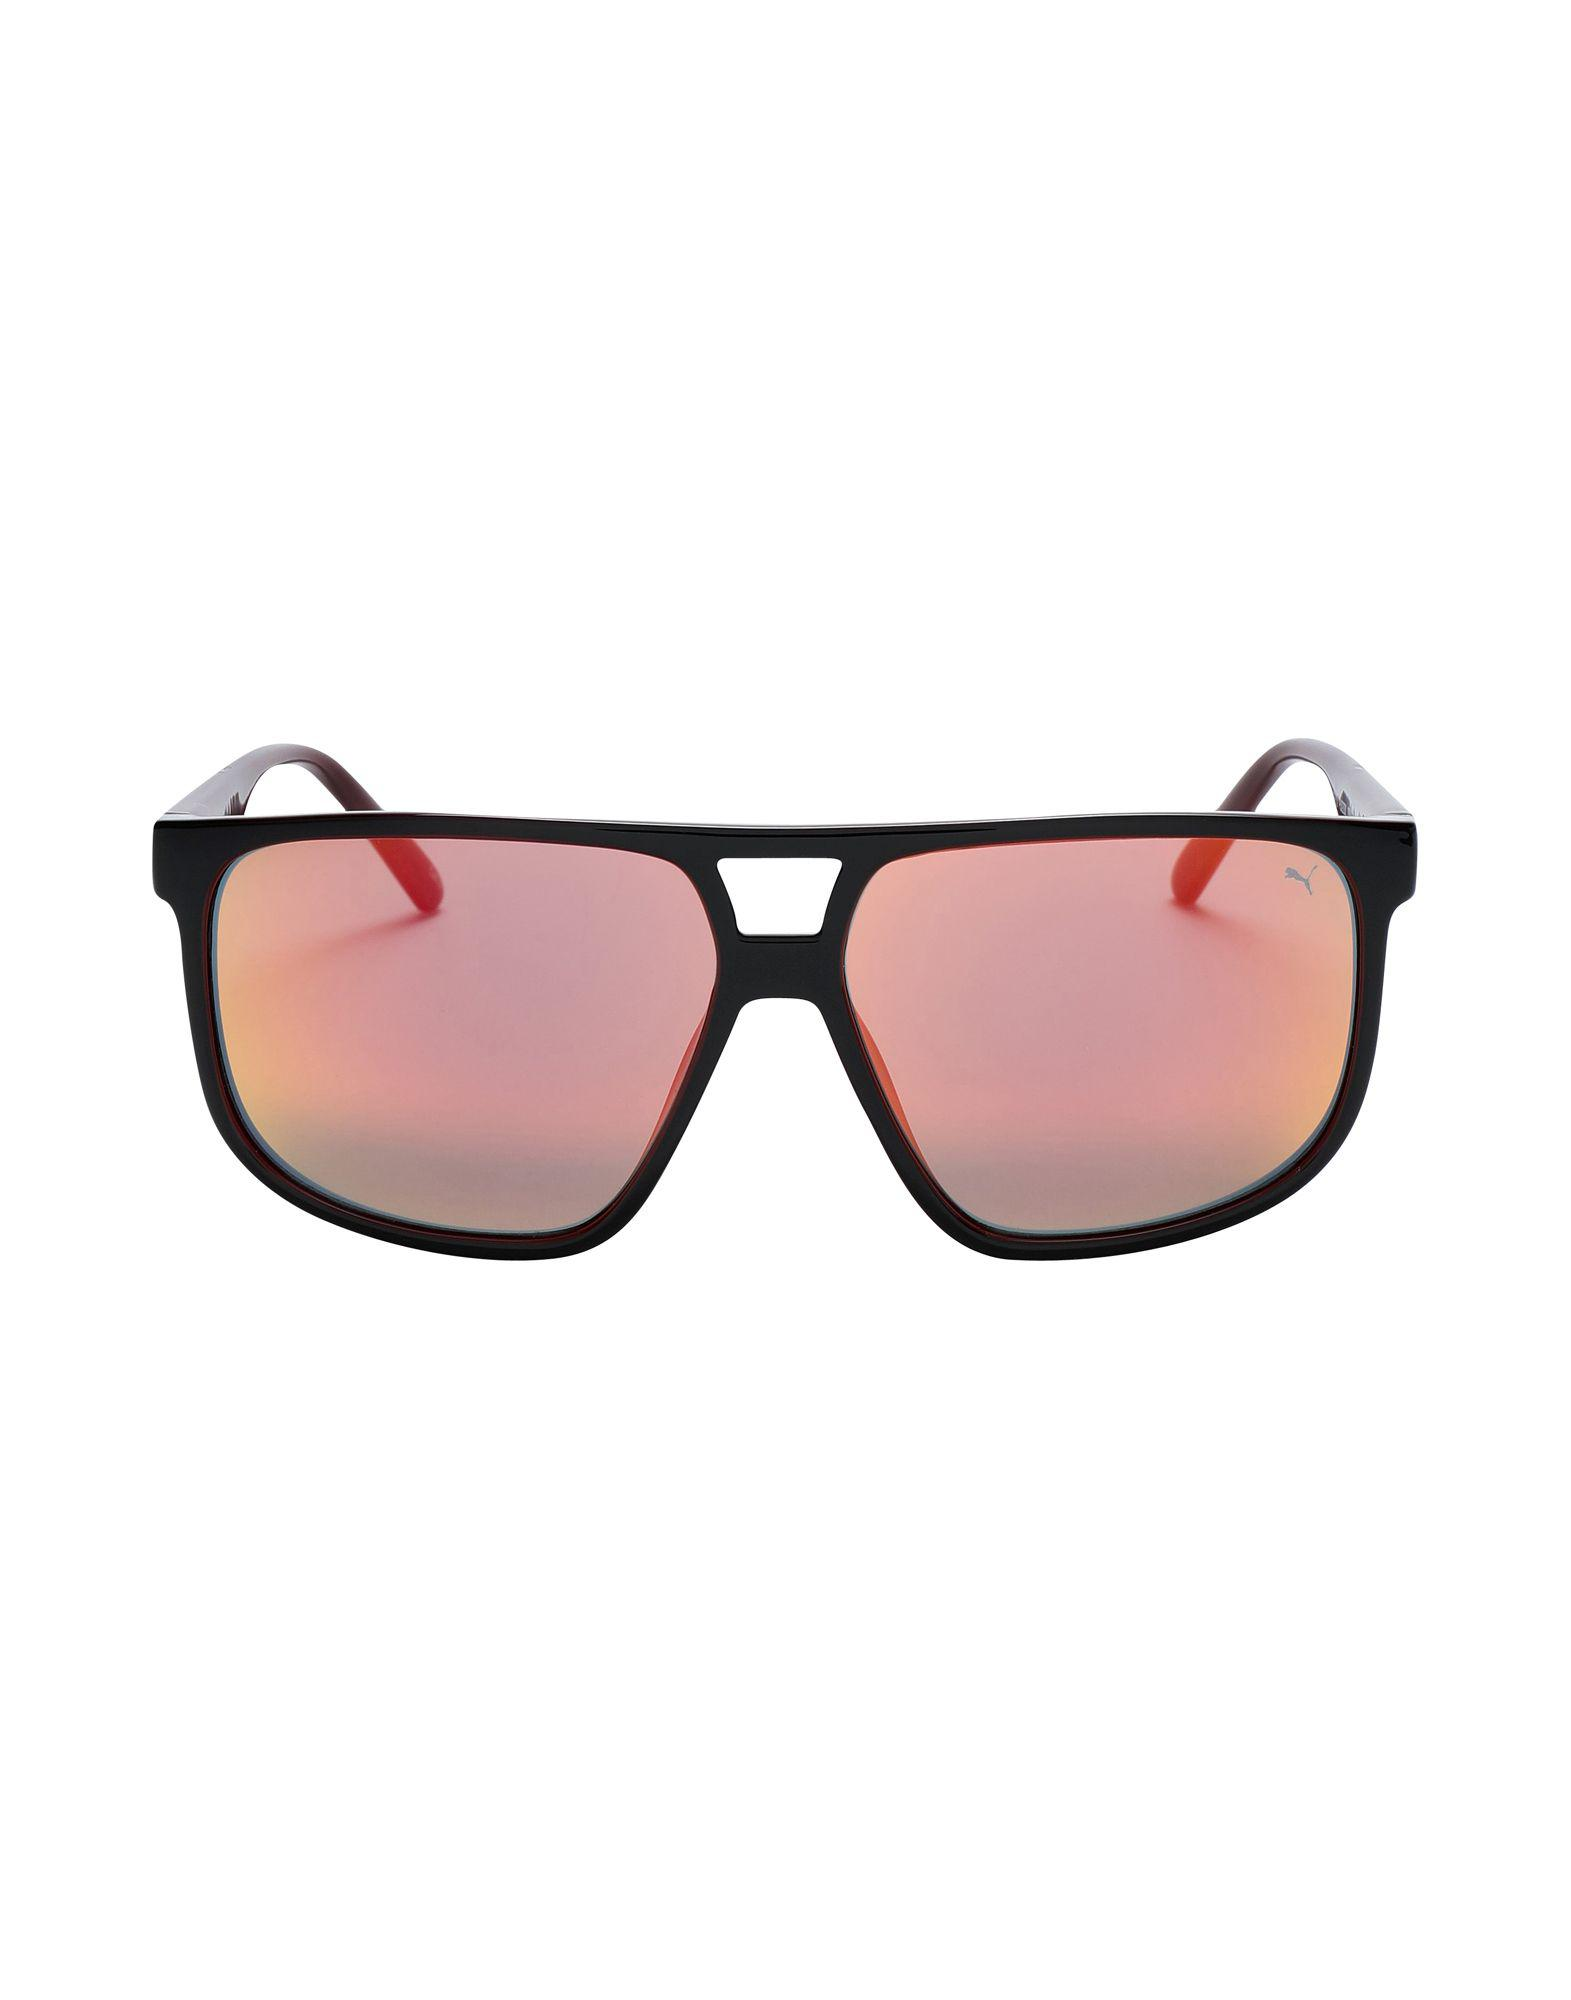 f95acd1c7d7 Lyst - Lunettes de soleil PUMA pour homme en coloris Noir